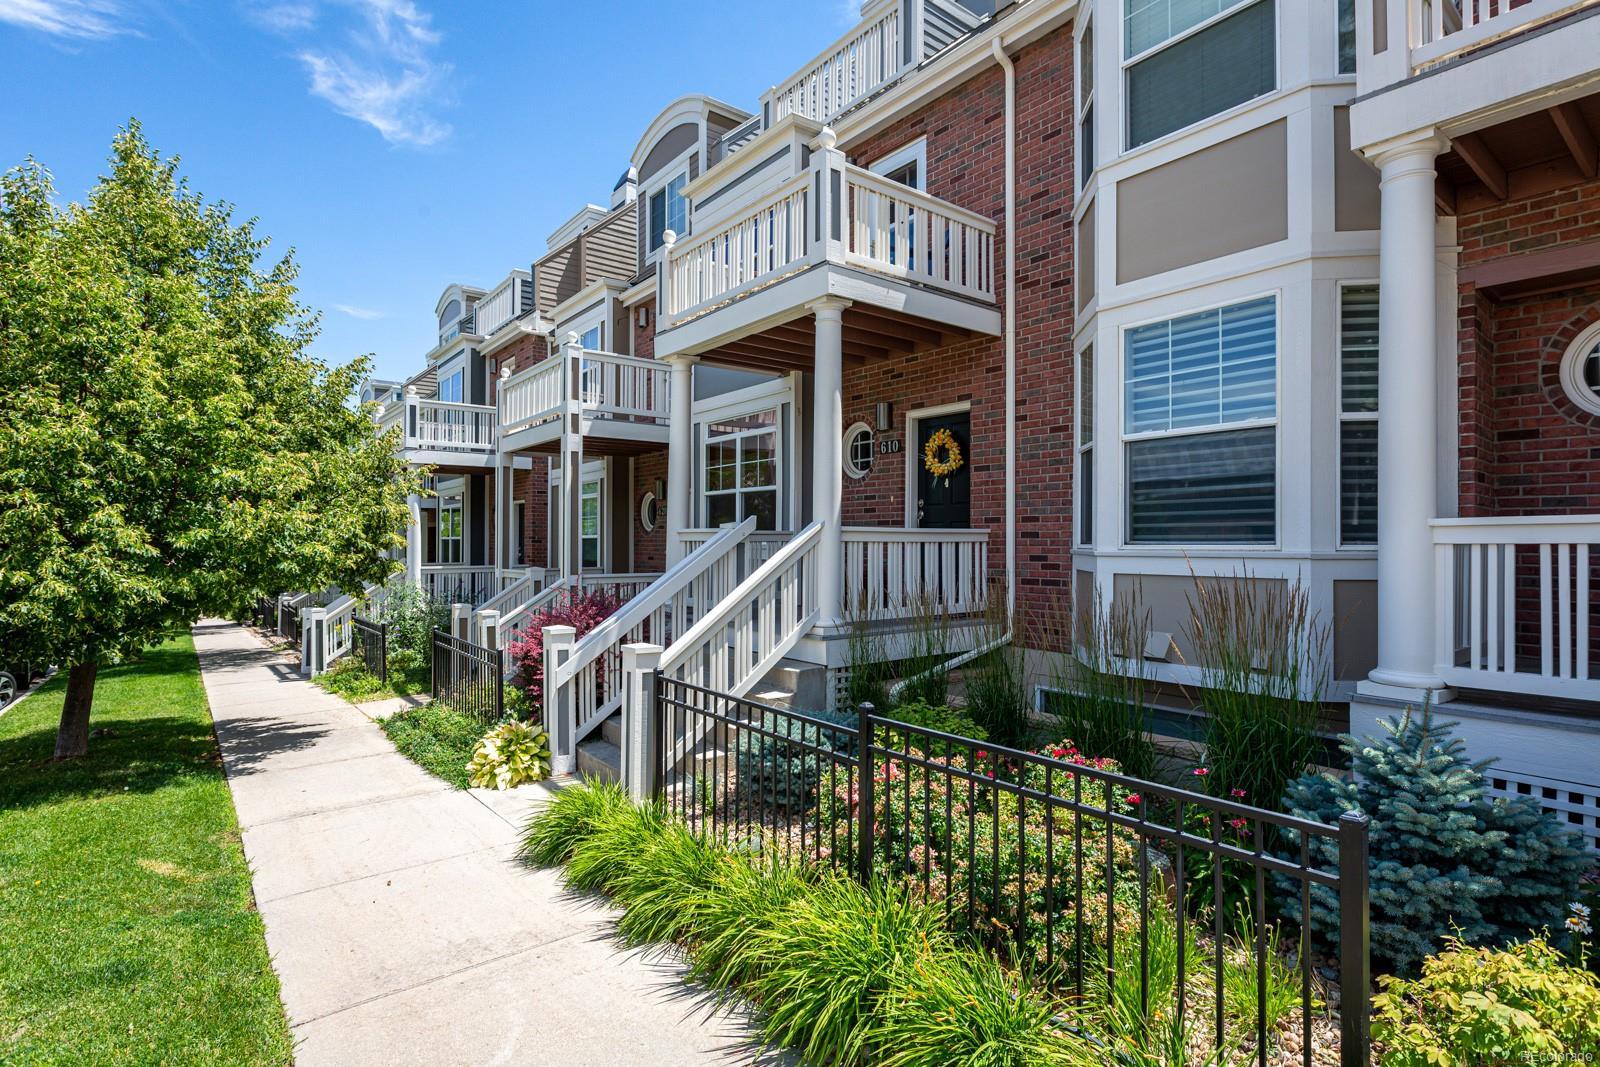 620 Laramie Boulevard, Boulder, CO 80304 - Boulder, CO real estate listing